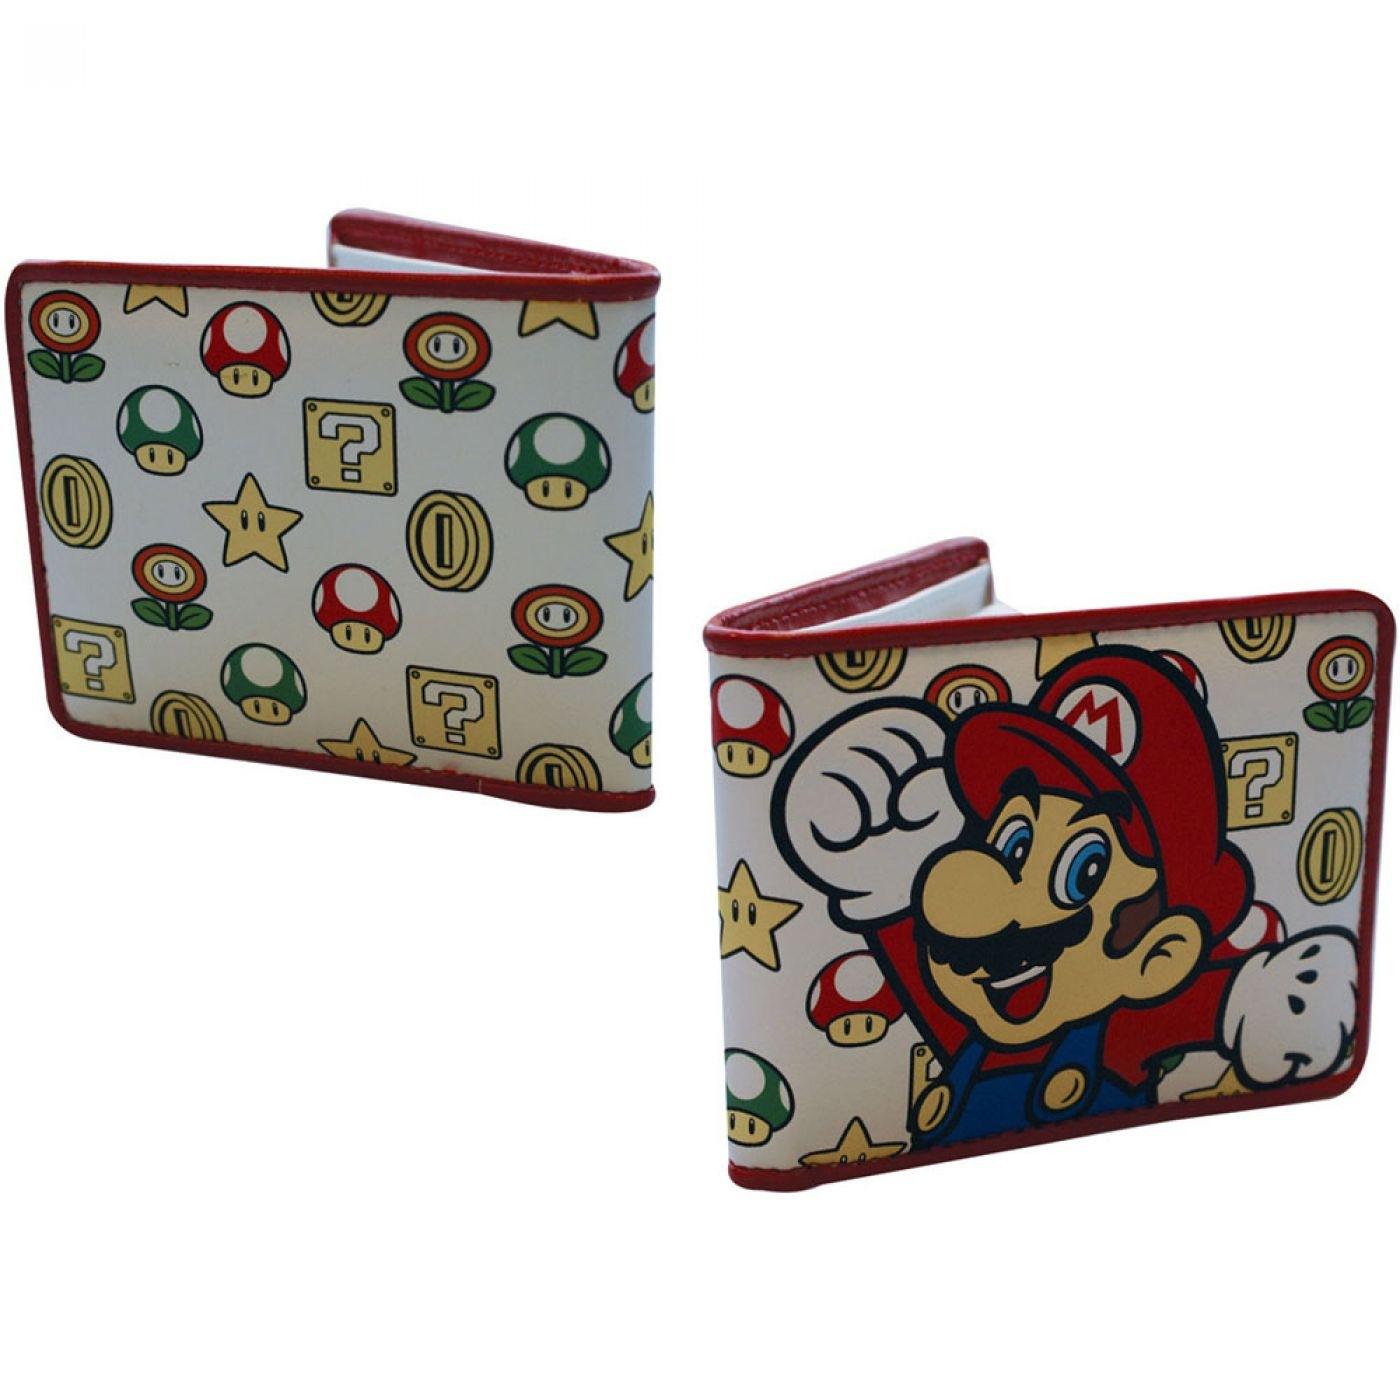 Nintendo Super Mario Bros Mario wallet